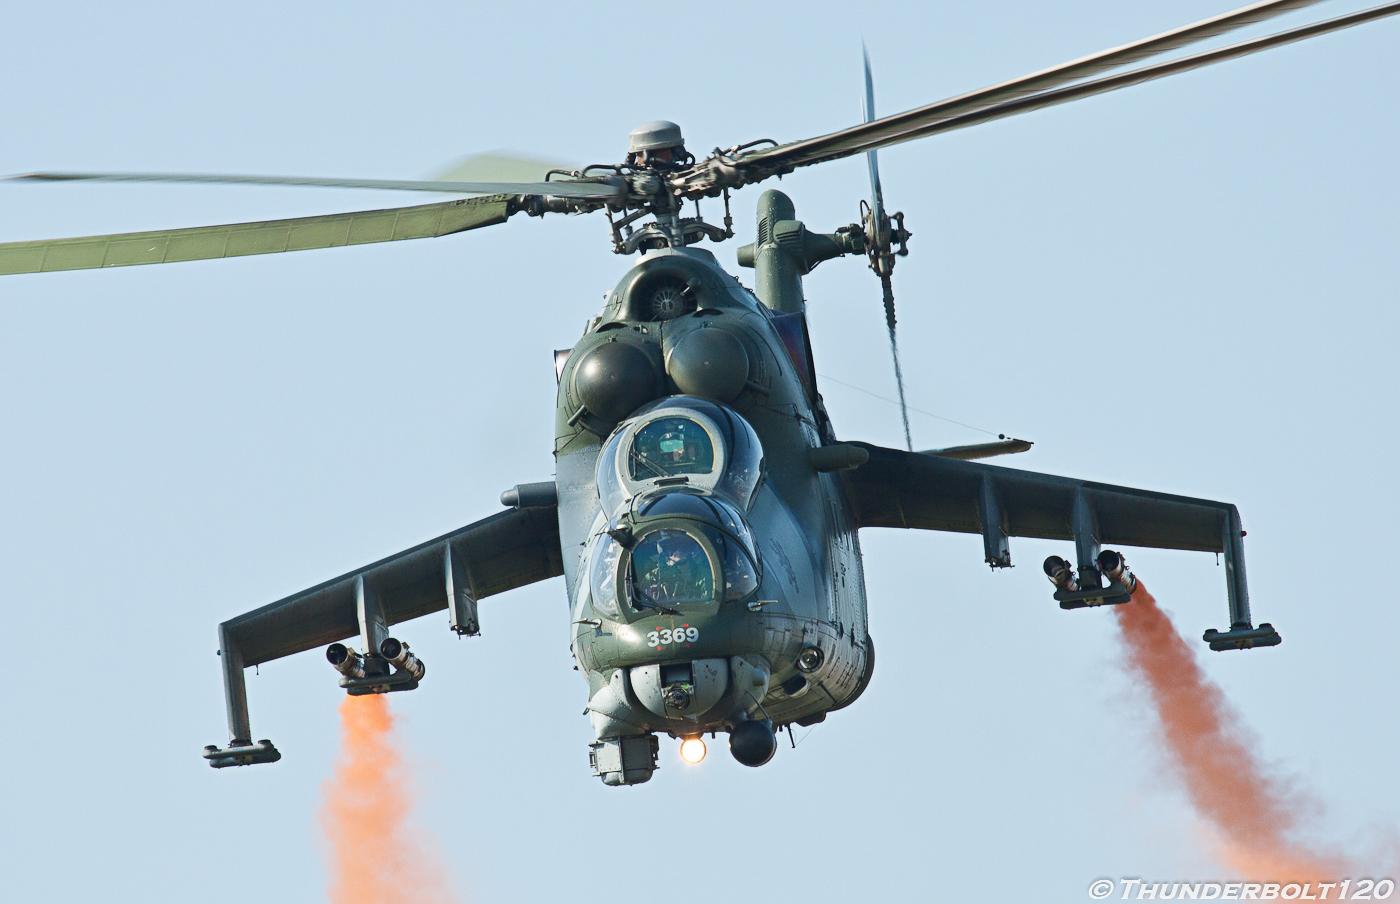 Mi-24V Hind 3369